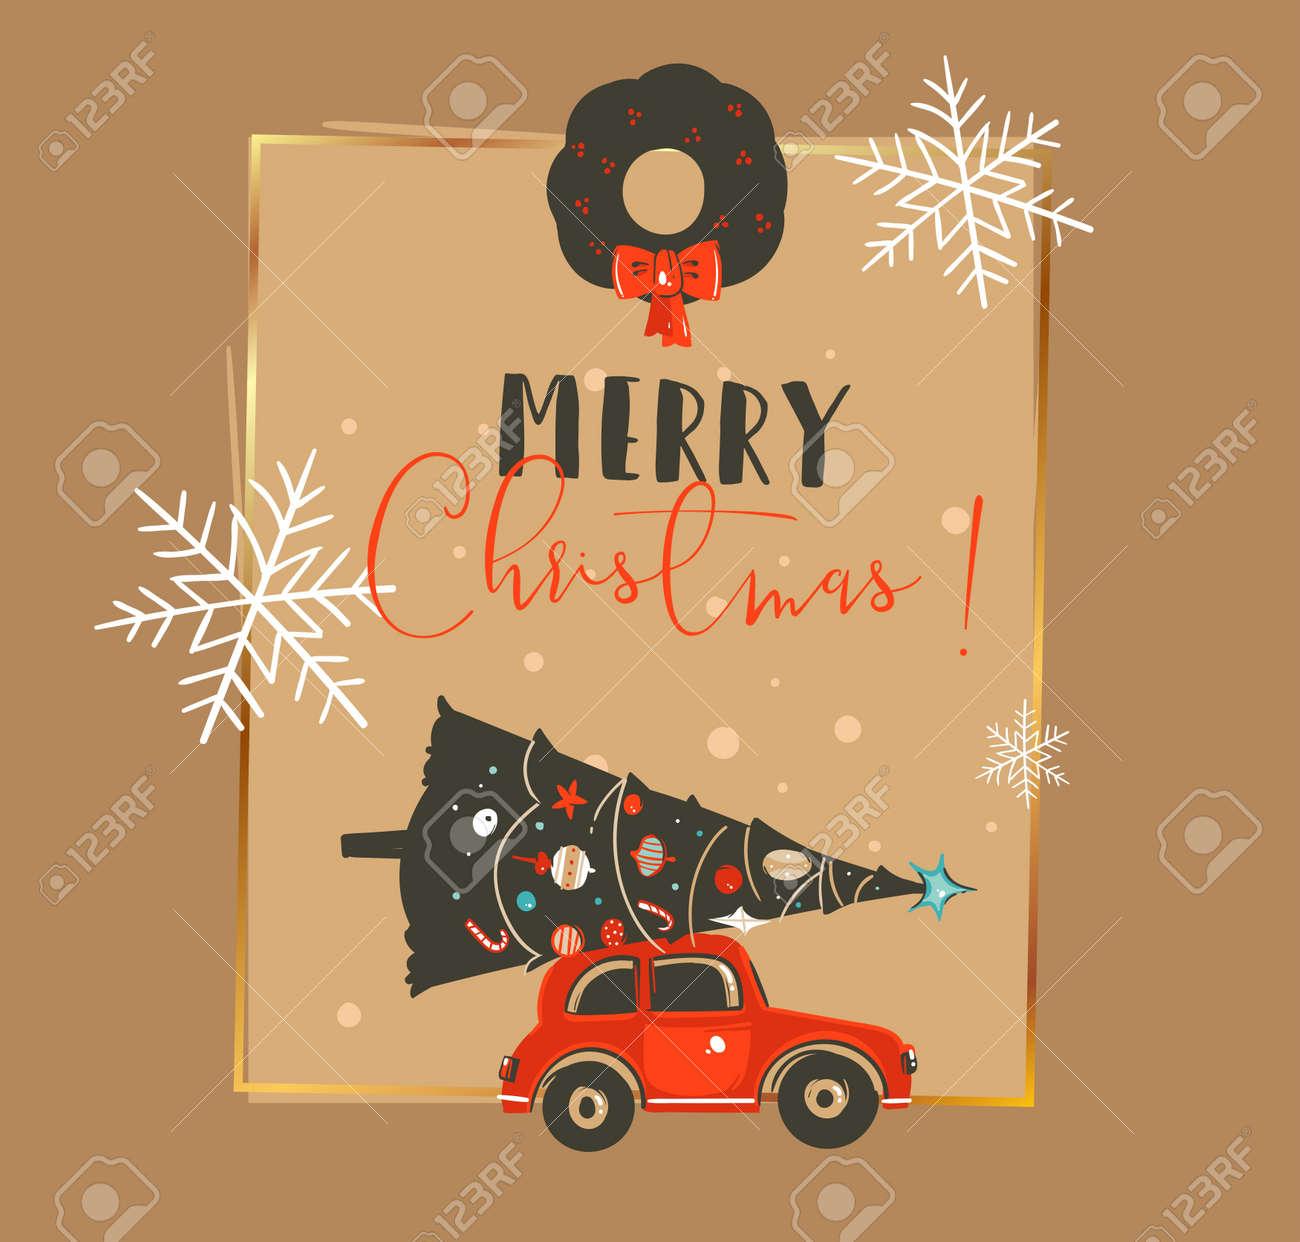 Mao Desenhada Abstract Vector Feliz Natal E Feliz Ano Novo Tempo